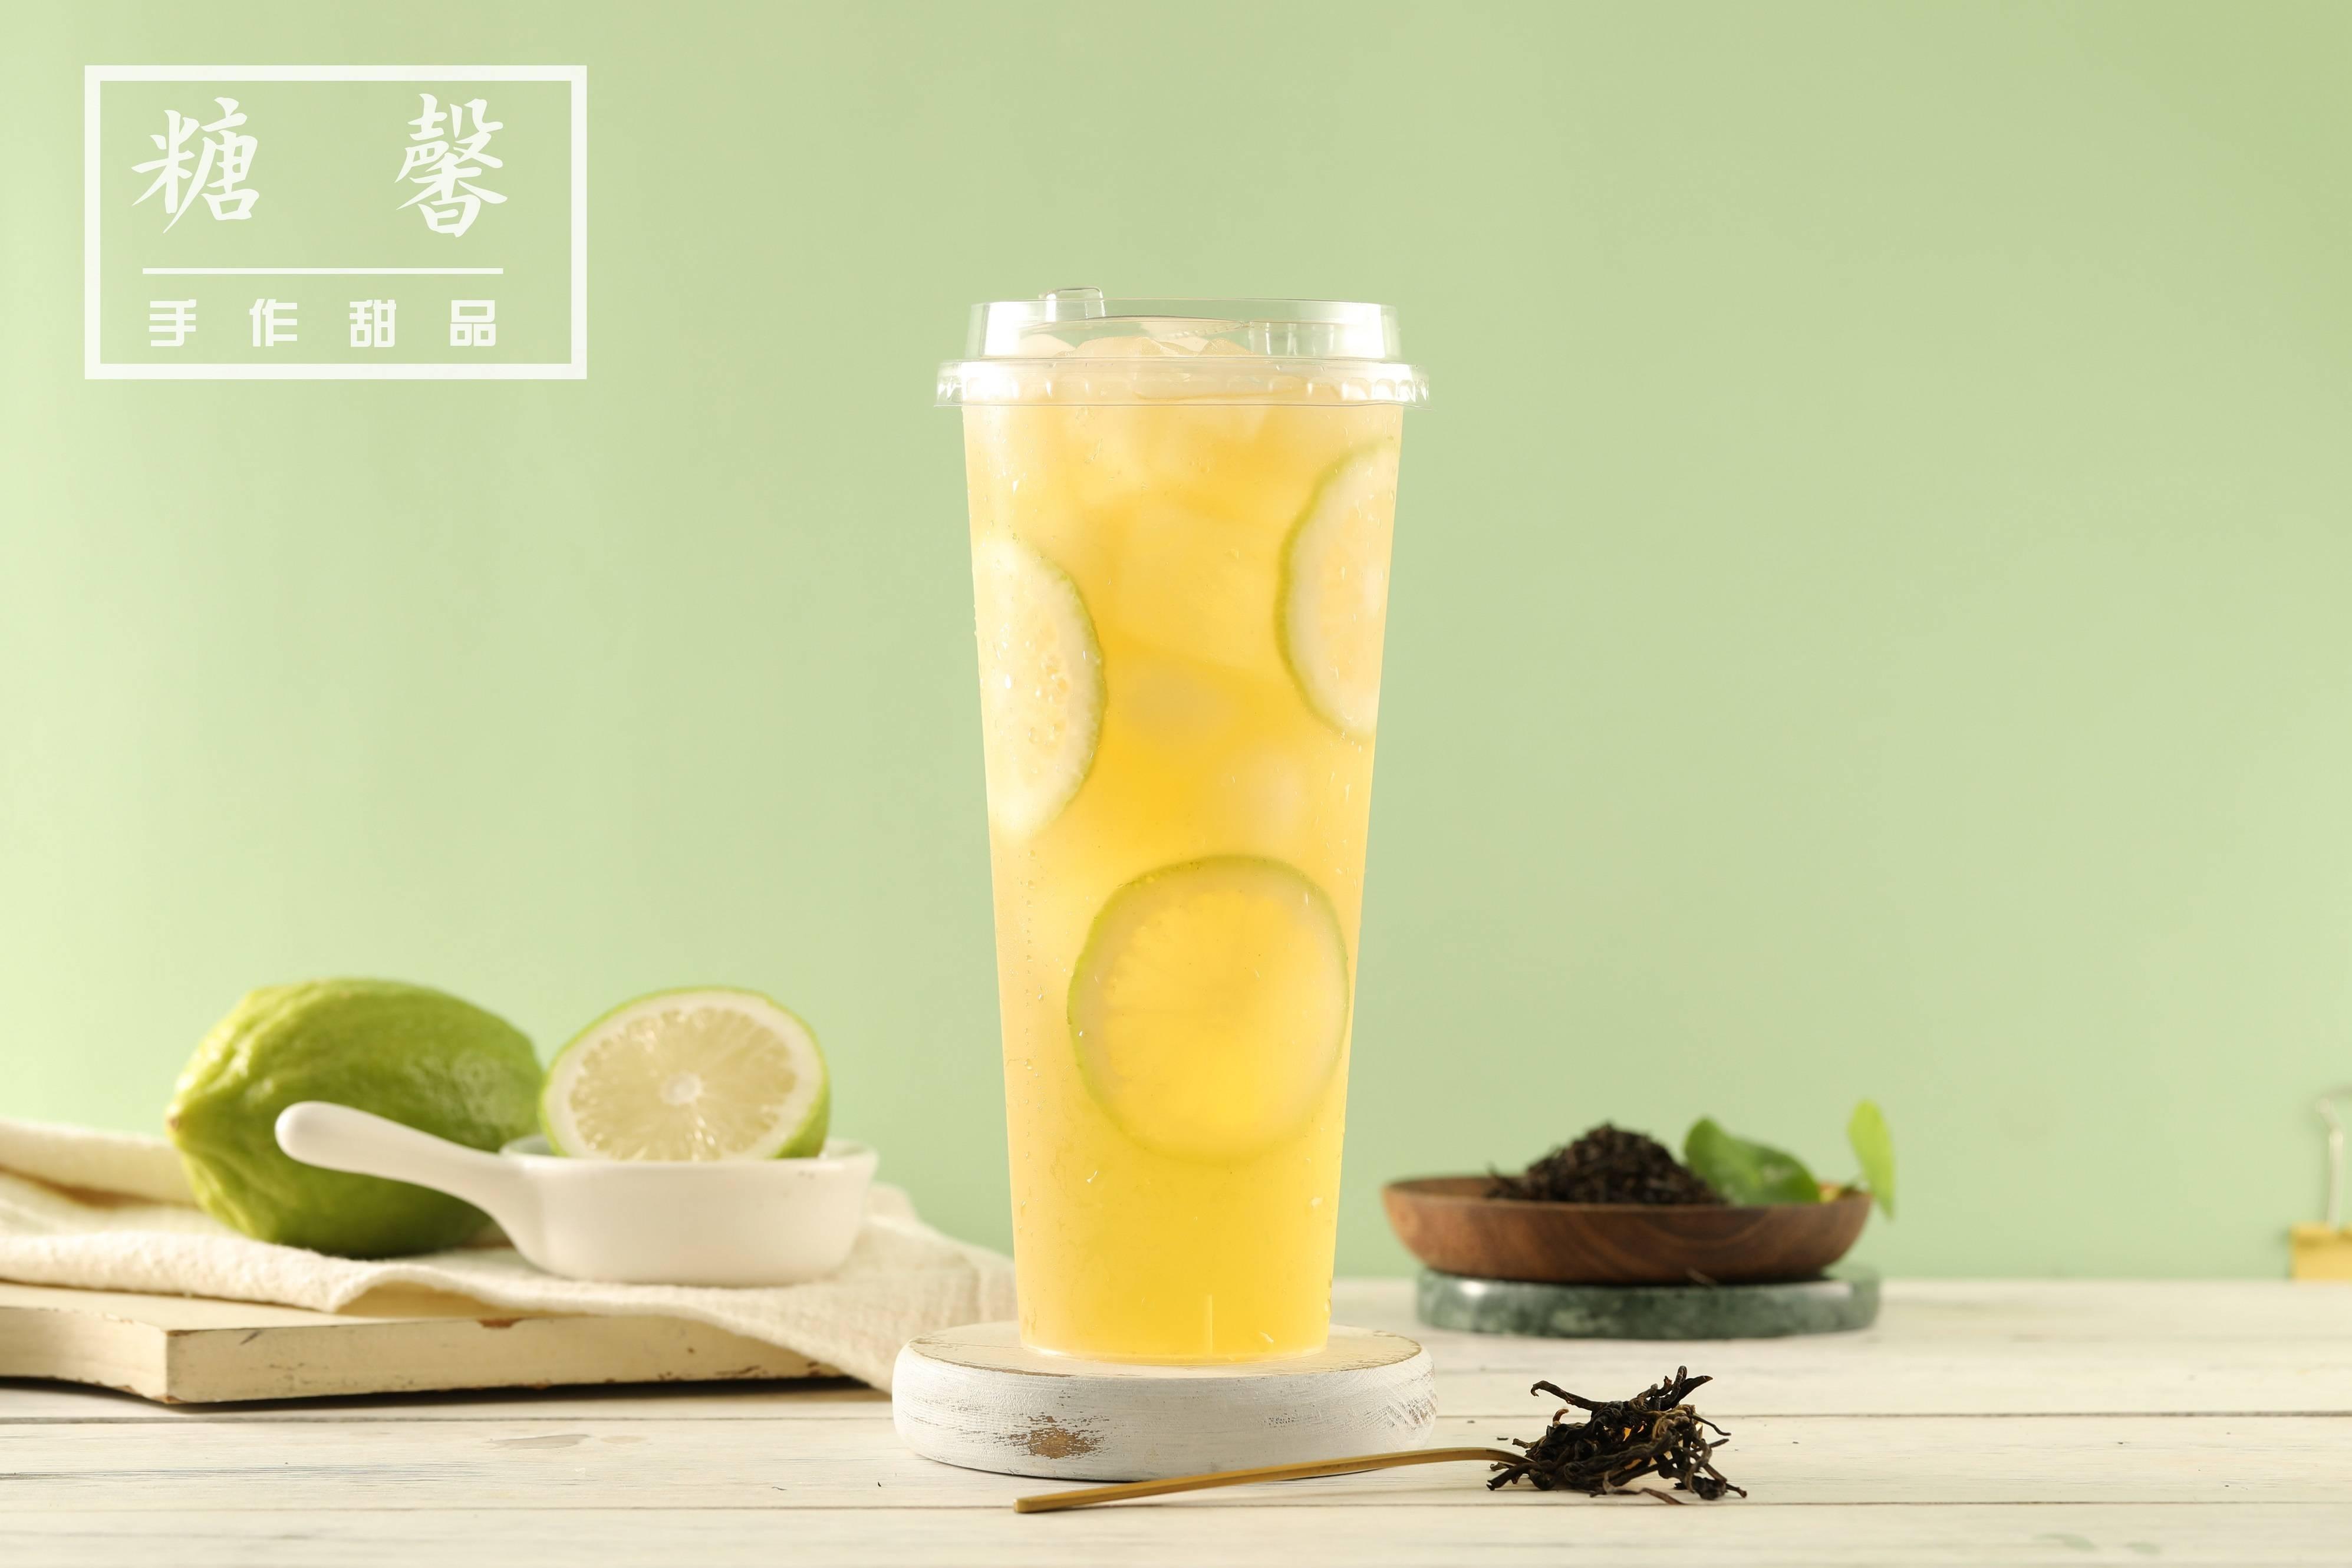 【佛山-南海】下午茶时间到!78元抢糖馨甜品店三人下午茶套餐,网红鸡爪+糖水+奶茶~